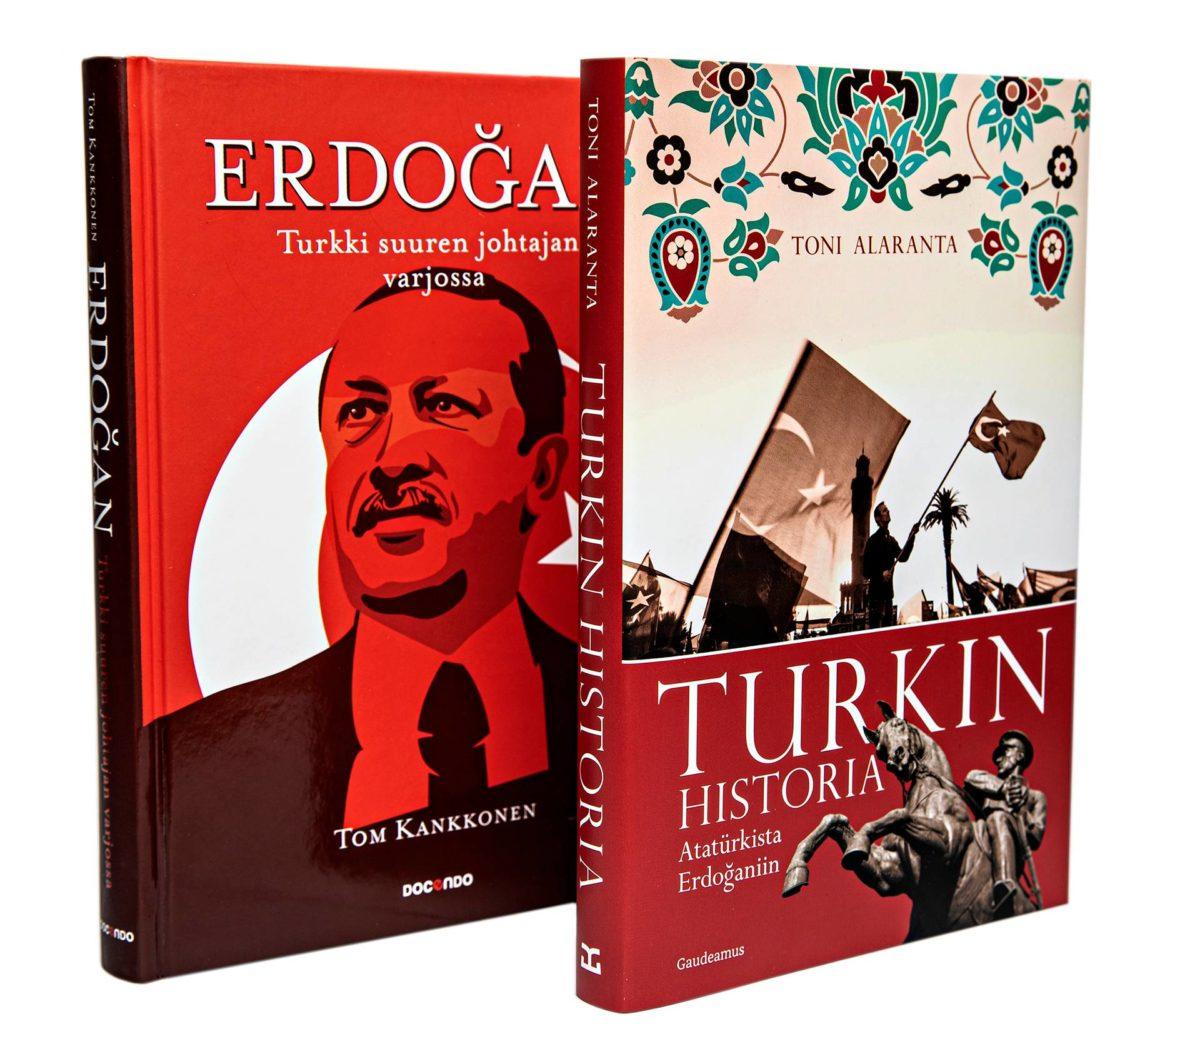 Toni Alaranta: Turkin historia –Atatürkista Erdoğaniin, 244 s. Gaudeamus, 2019. Tom Kankkonen: Erdoğan – Turkki suuren johtajan varjossa, 216 s. Docendo, 2019.